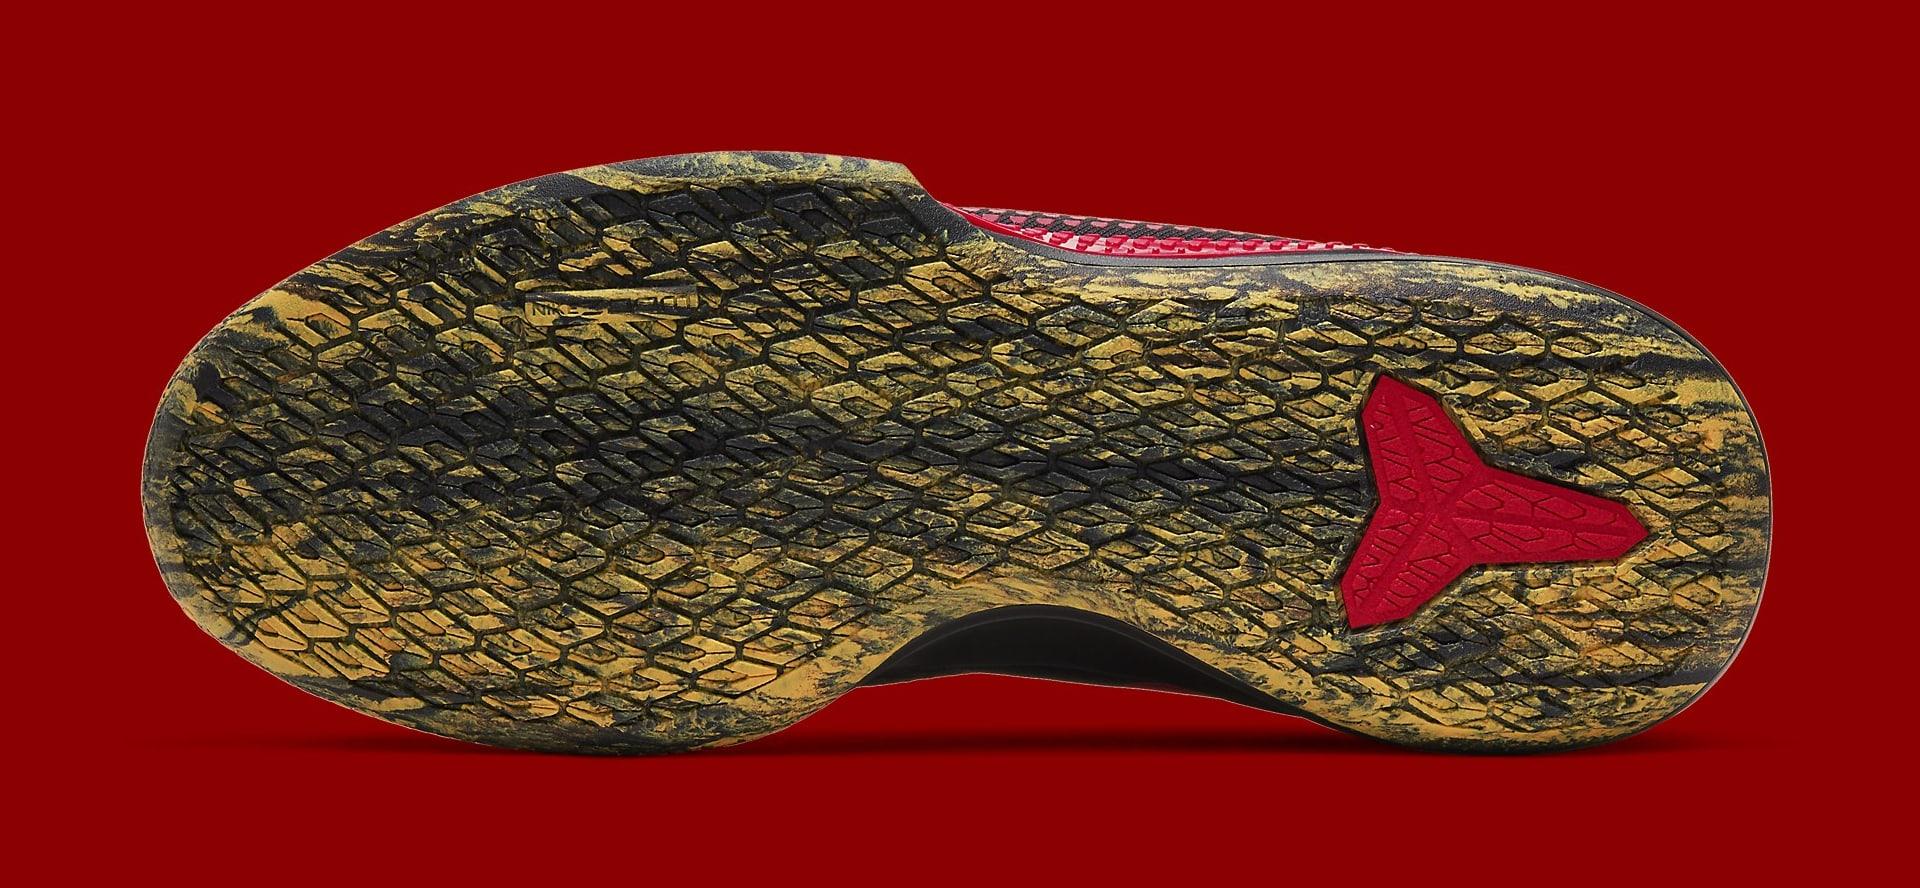 Nike Kobe Mamba Fury CK2087-002 Outsole